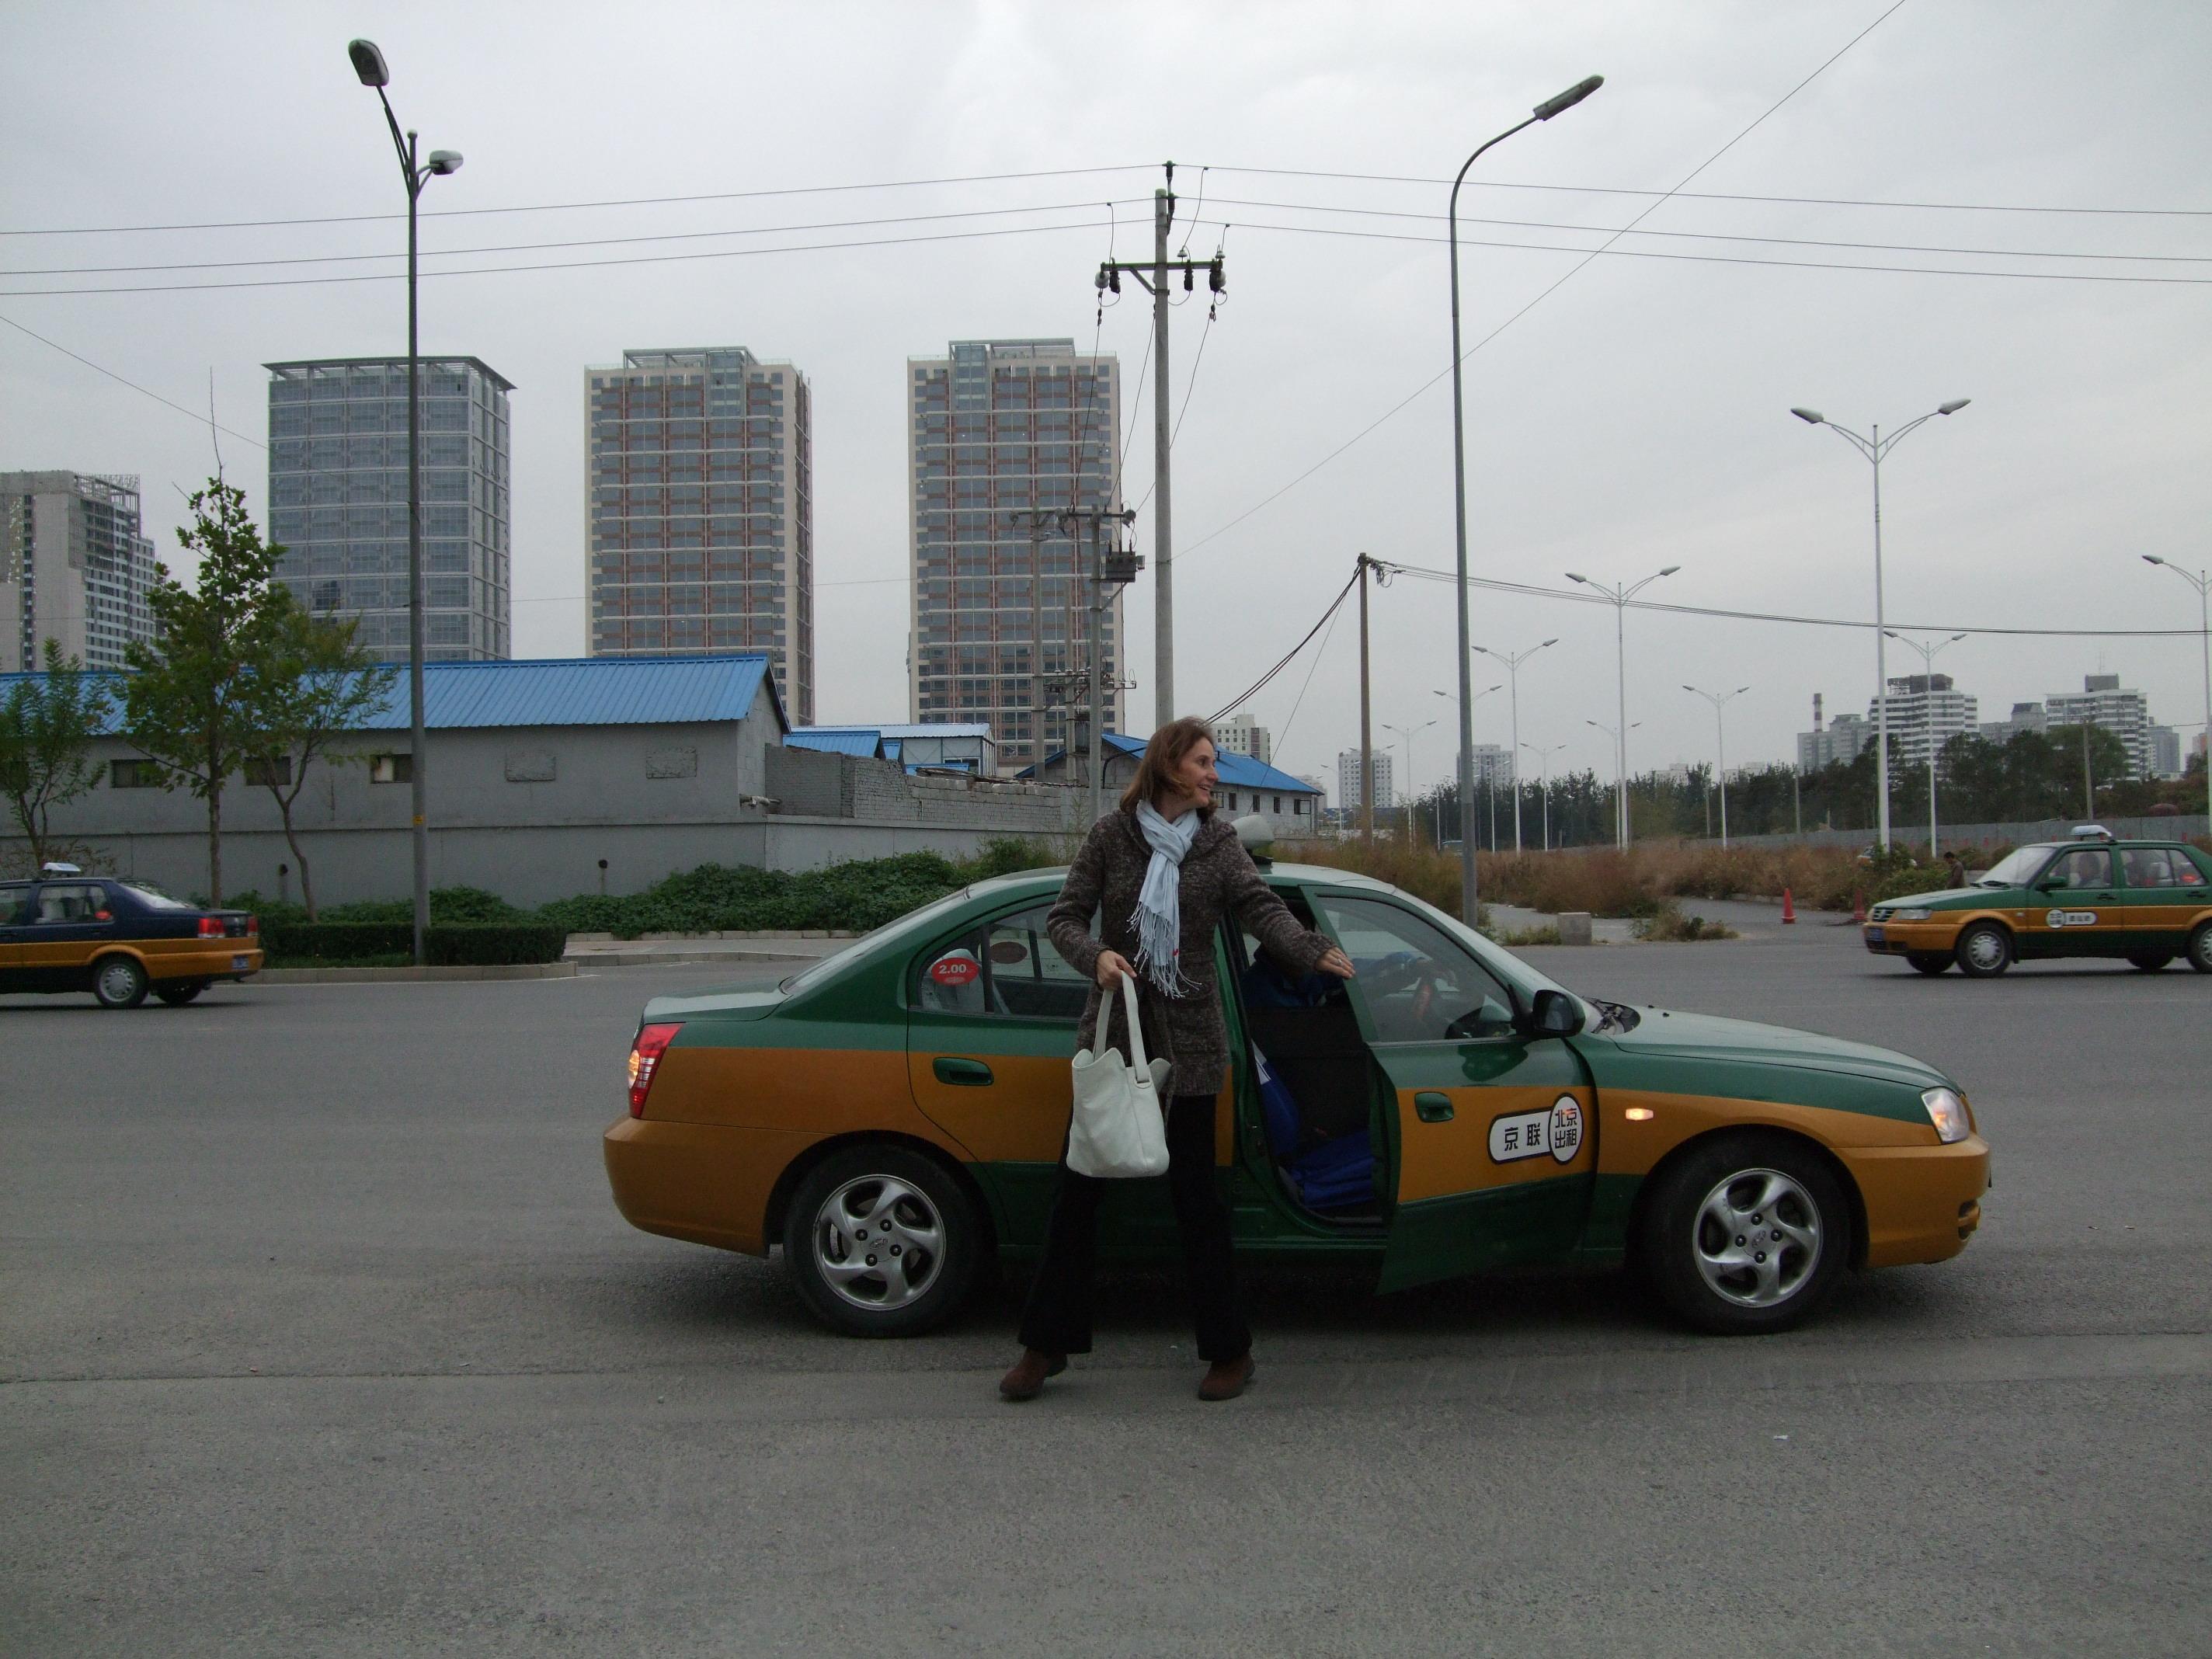 sicher taxi fahren